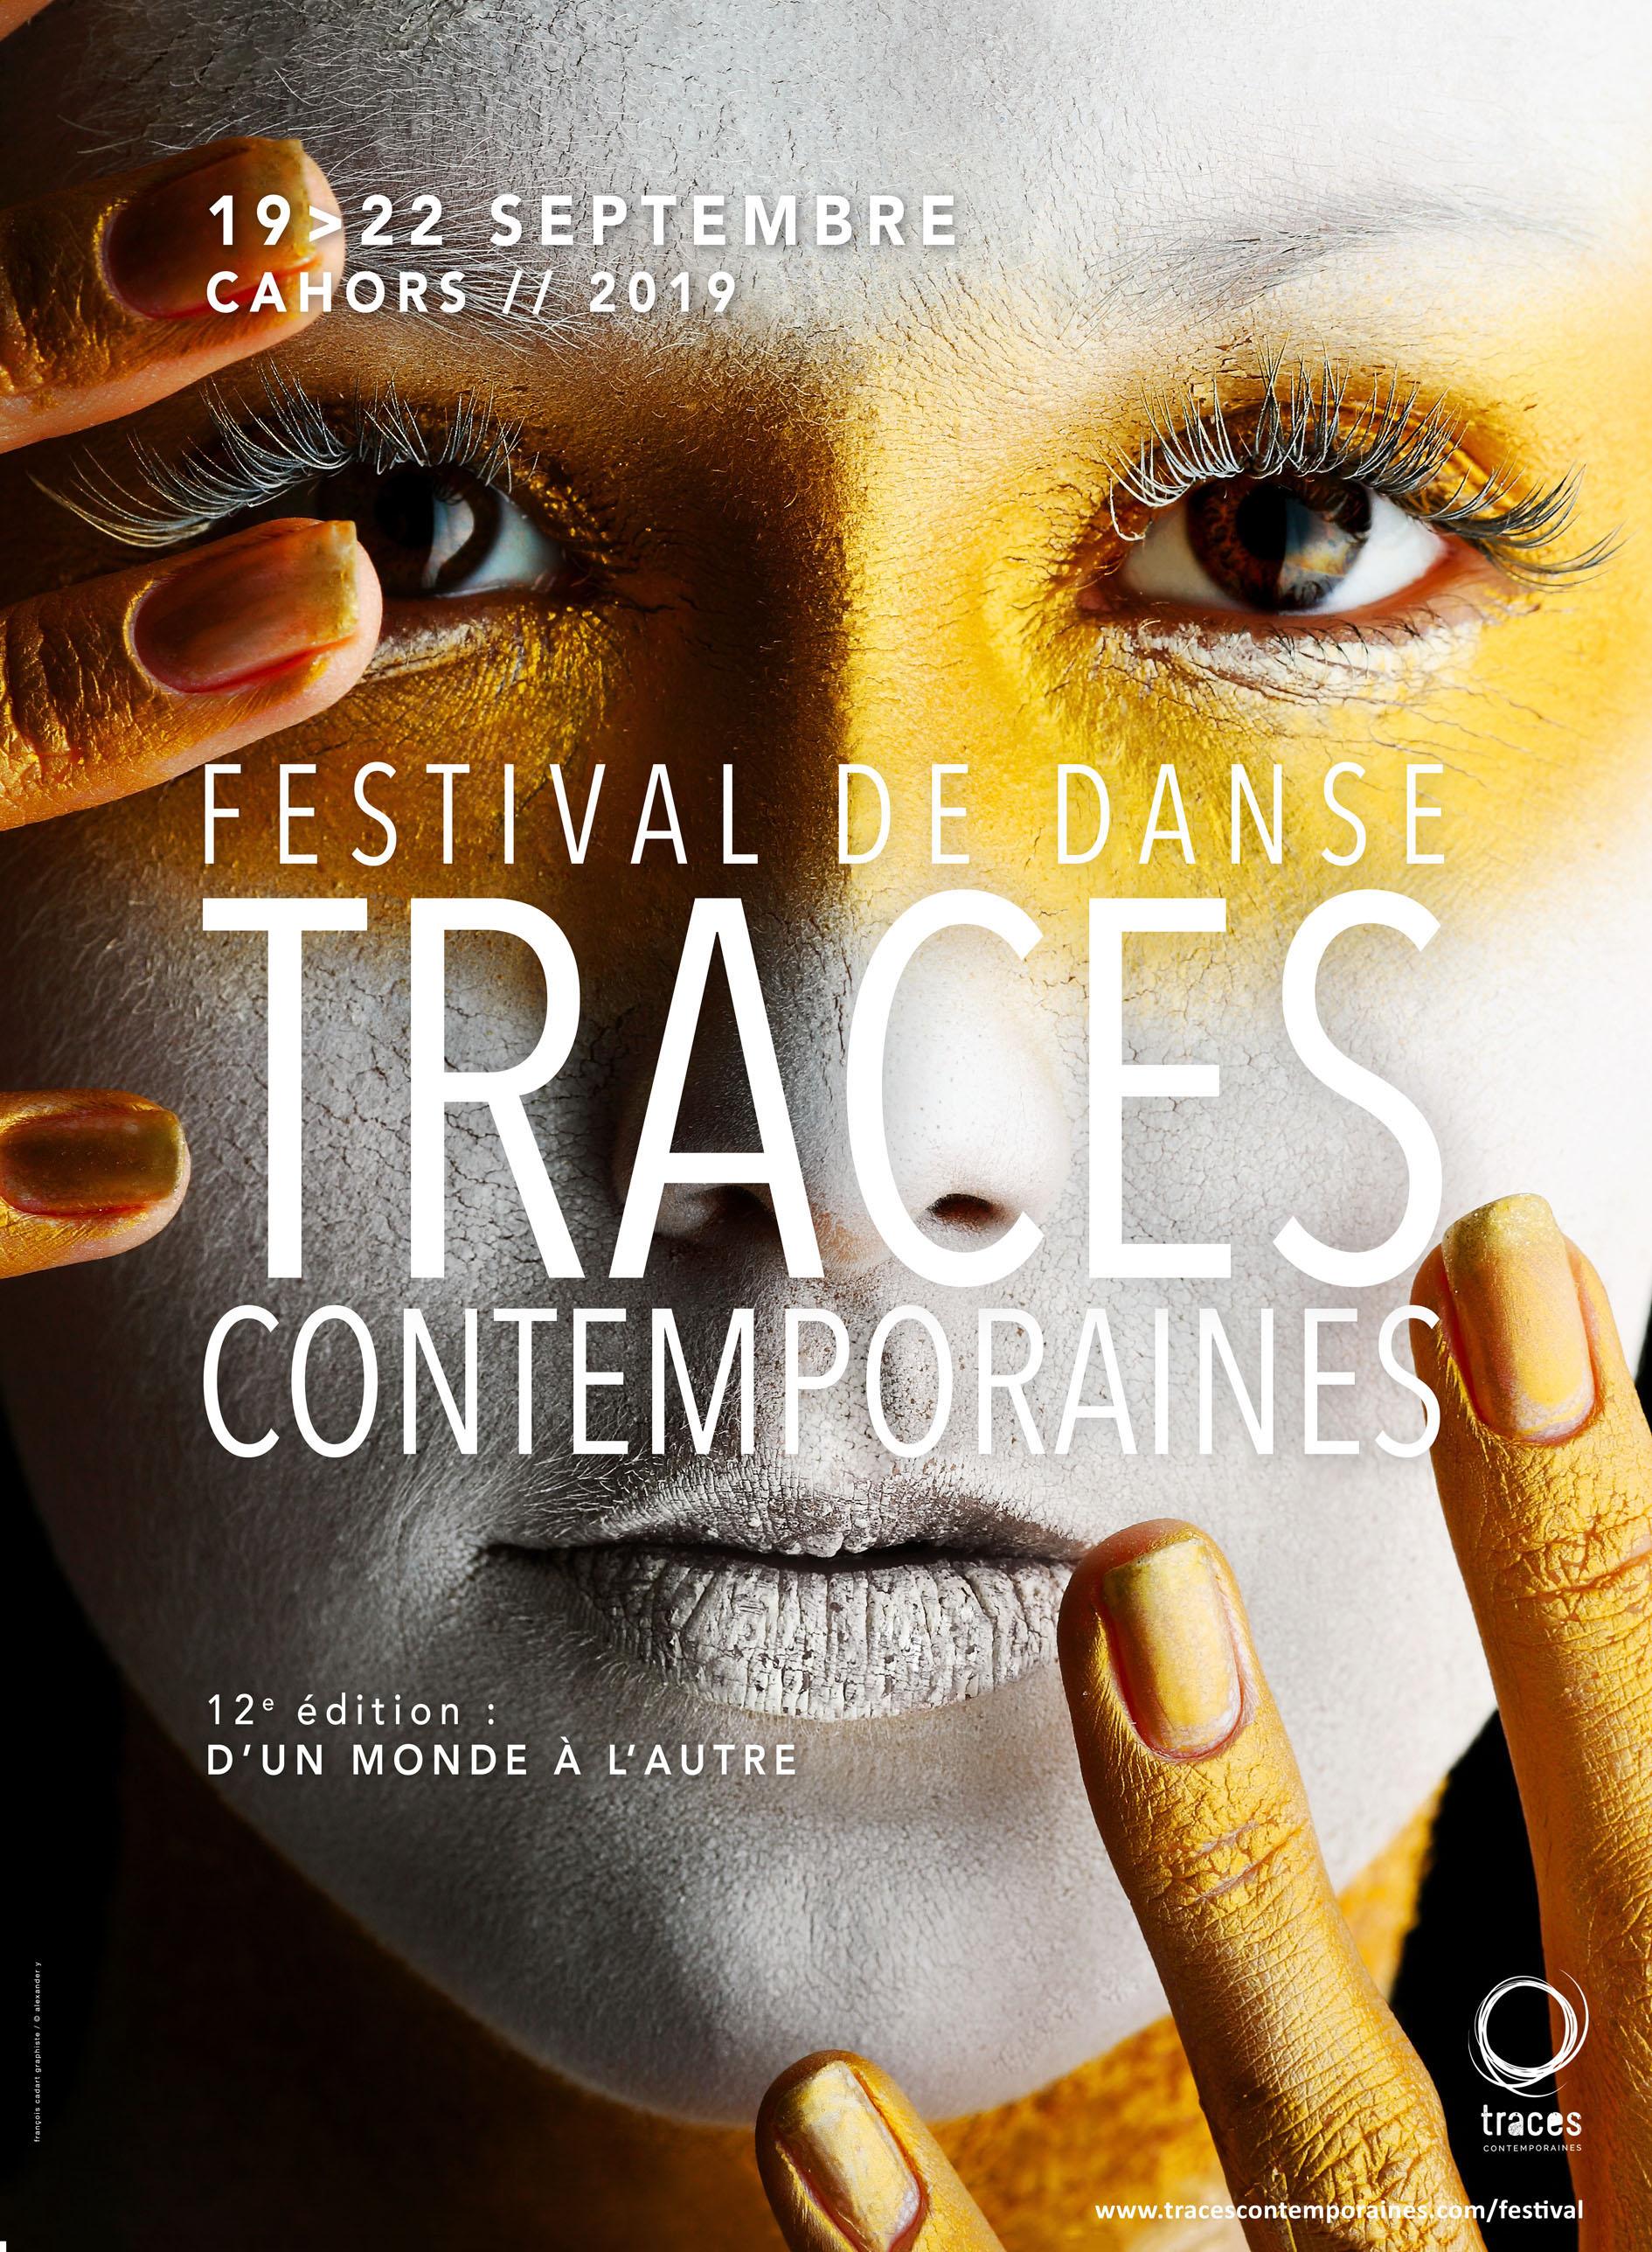 festival_traces_contemporaines_2019_affiche-stylistik.jpg